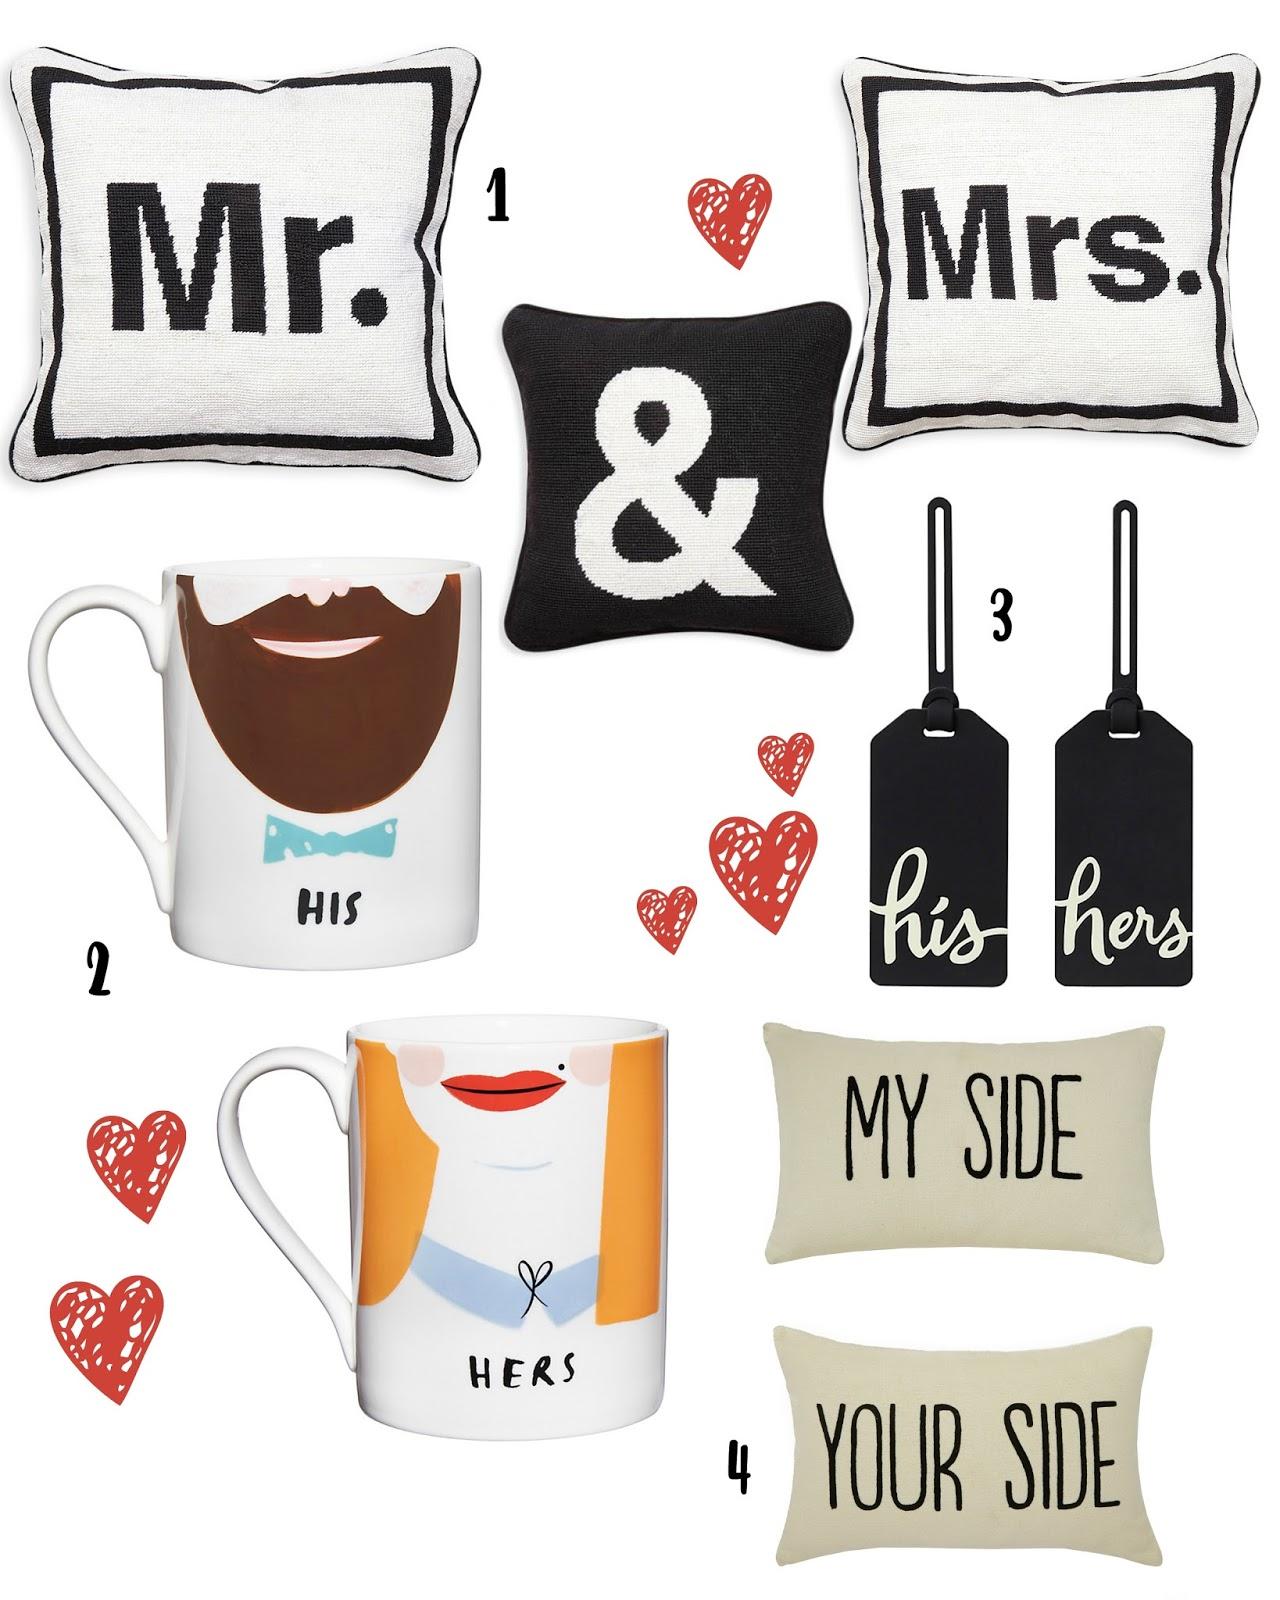 14 Last-minute Modern Wedding Gift Ideas For Mr. & Mrs